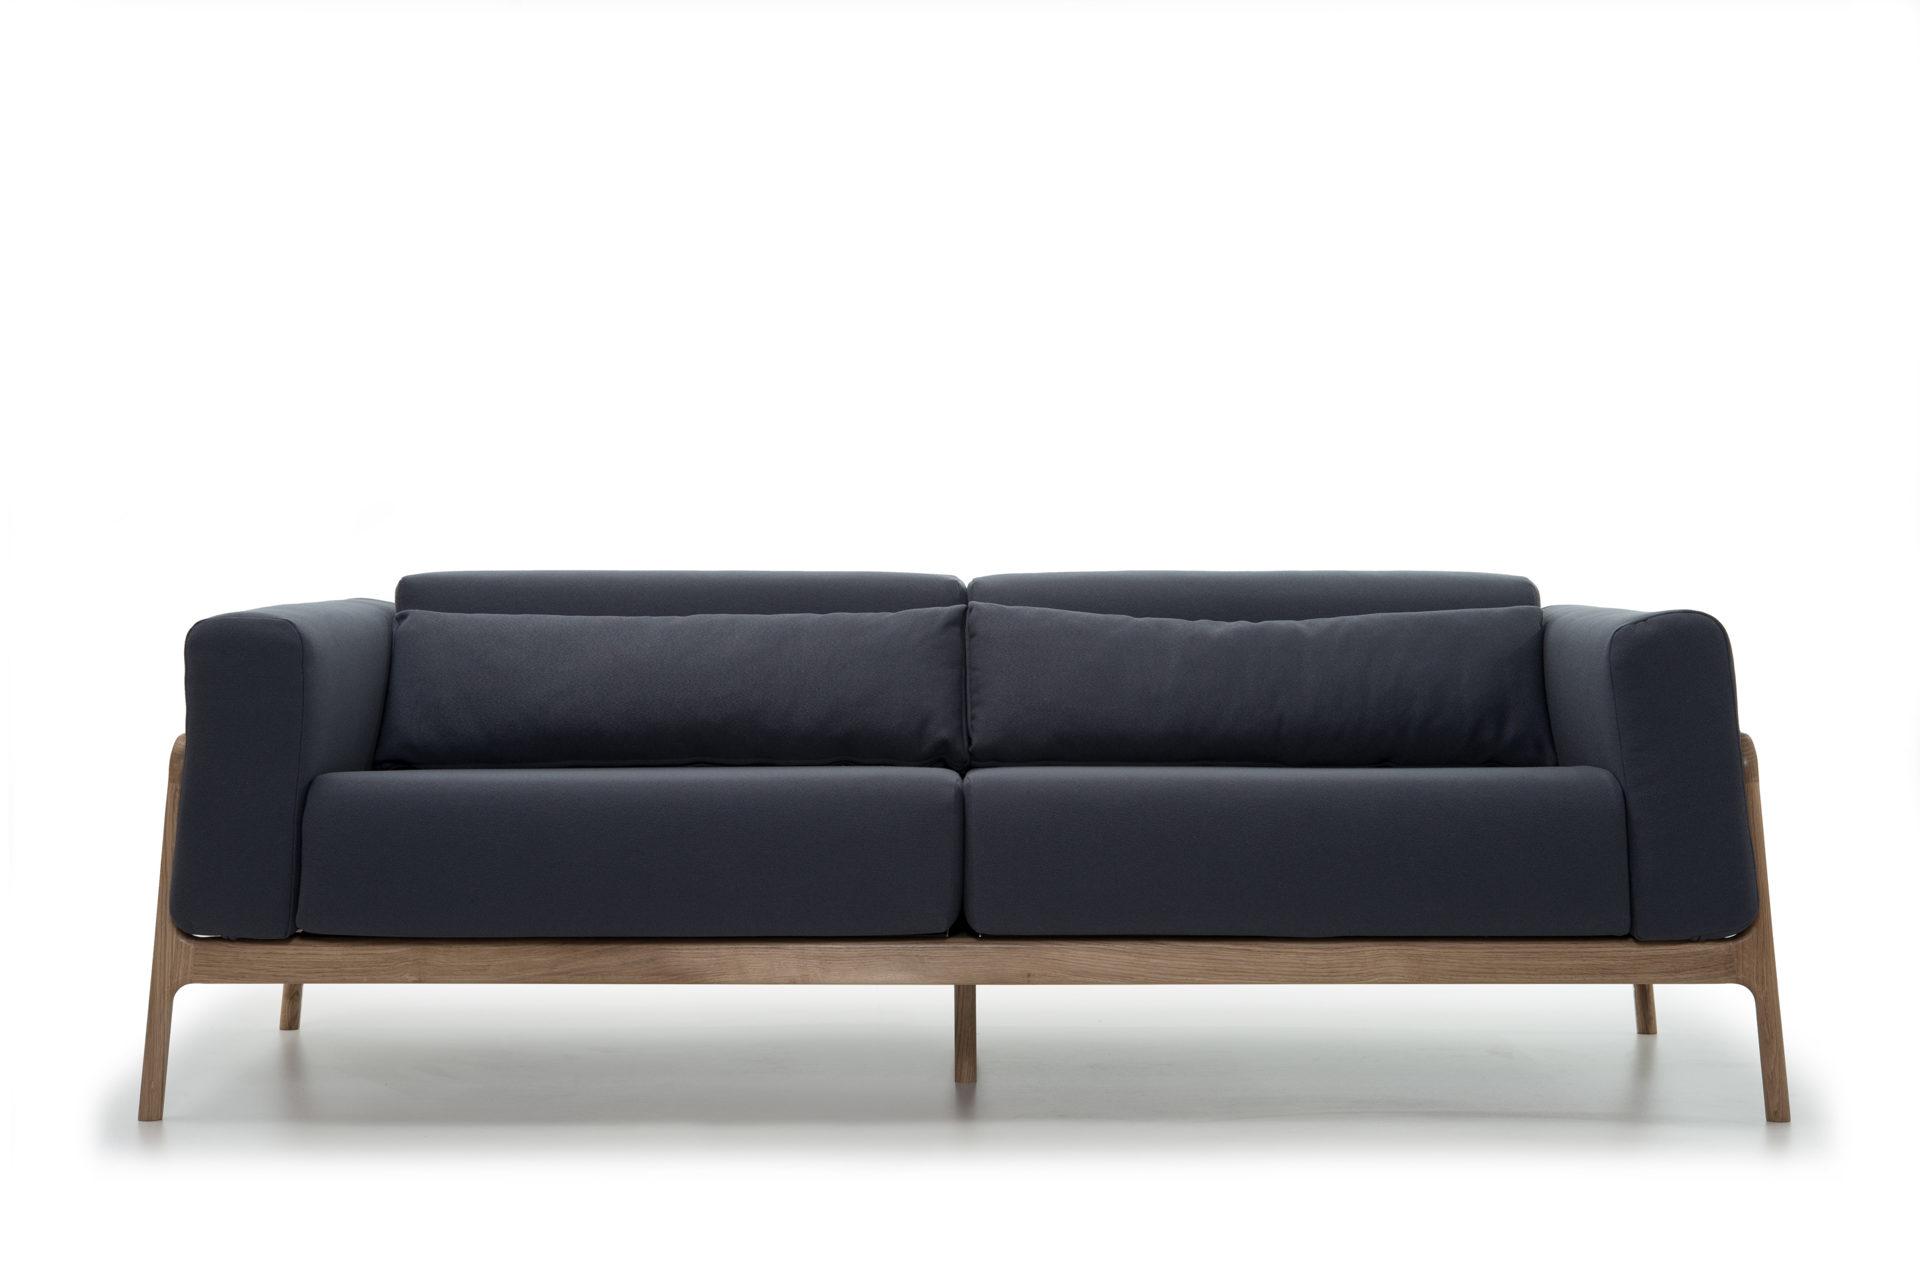 Ecksofa Mit Schlaffunktion Gebraucht Hamburg Wohnzimmer Couchgarnitur Sofa 2 Sessel Shpock